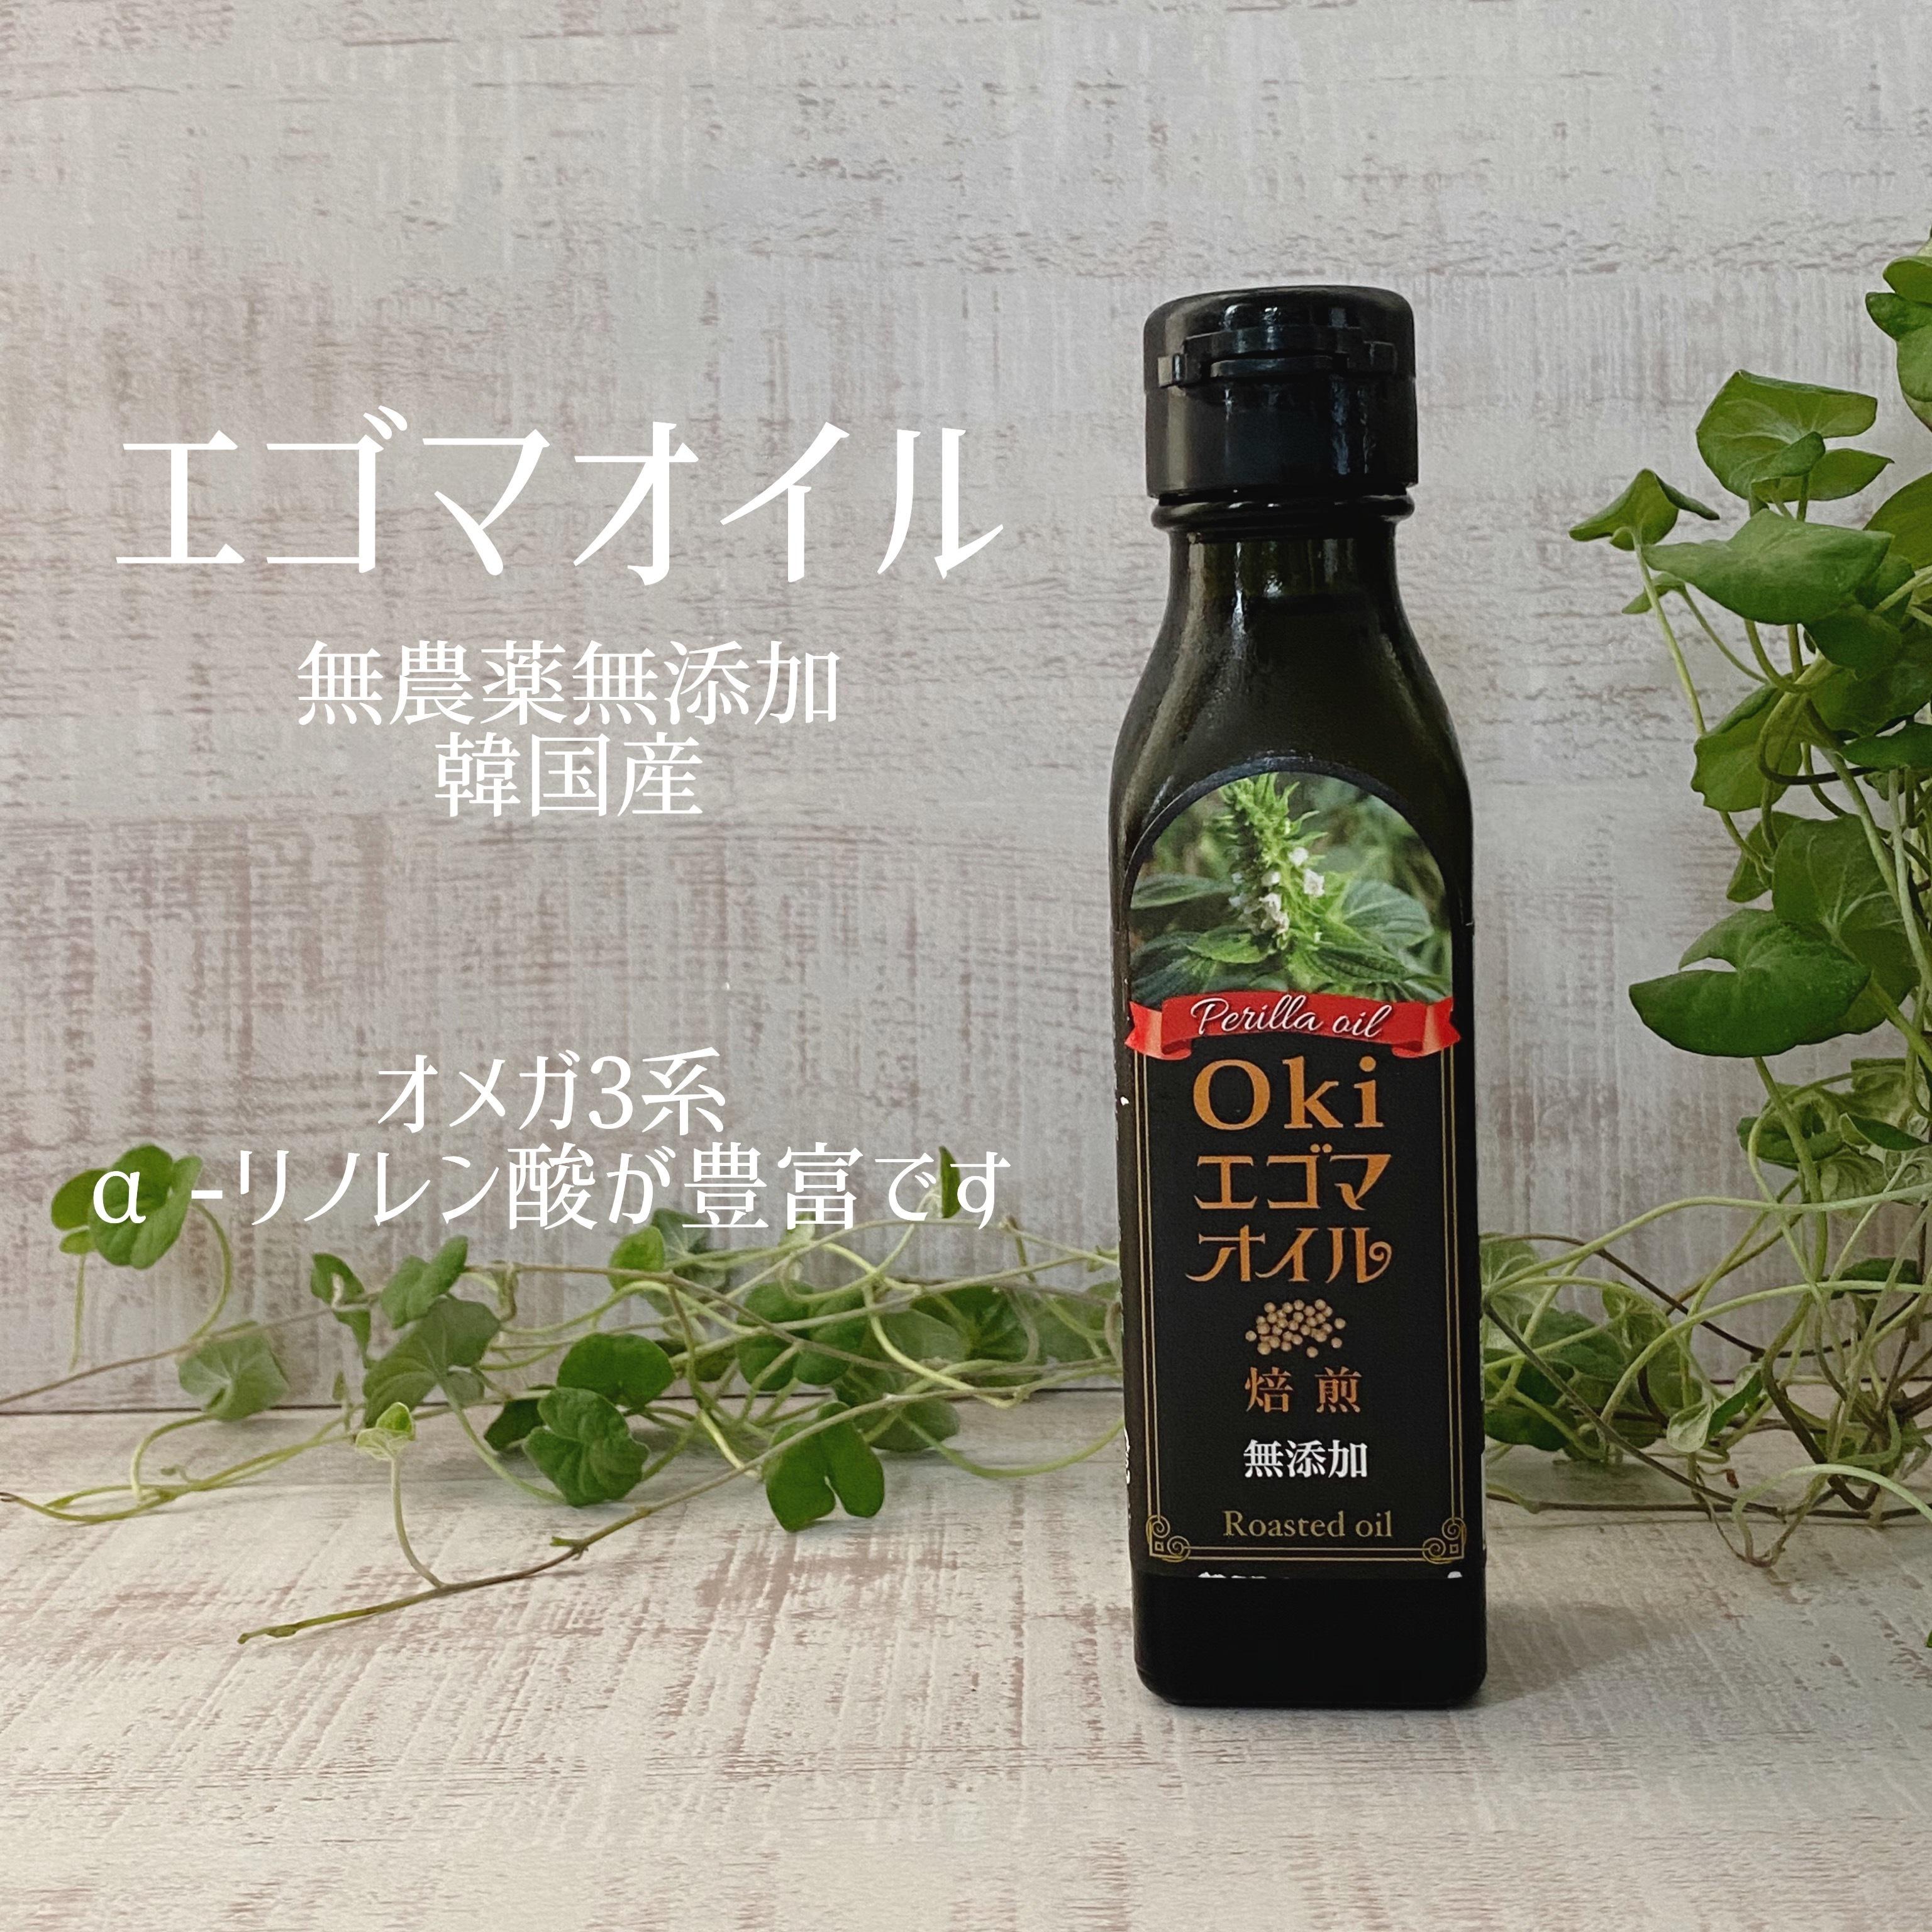 Oki/エゴマオイル/オメガ3